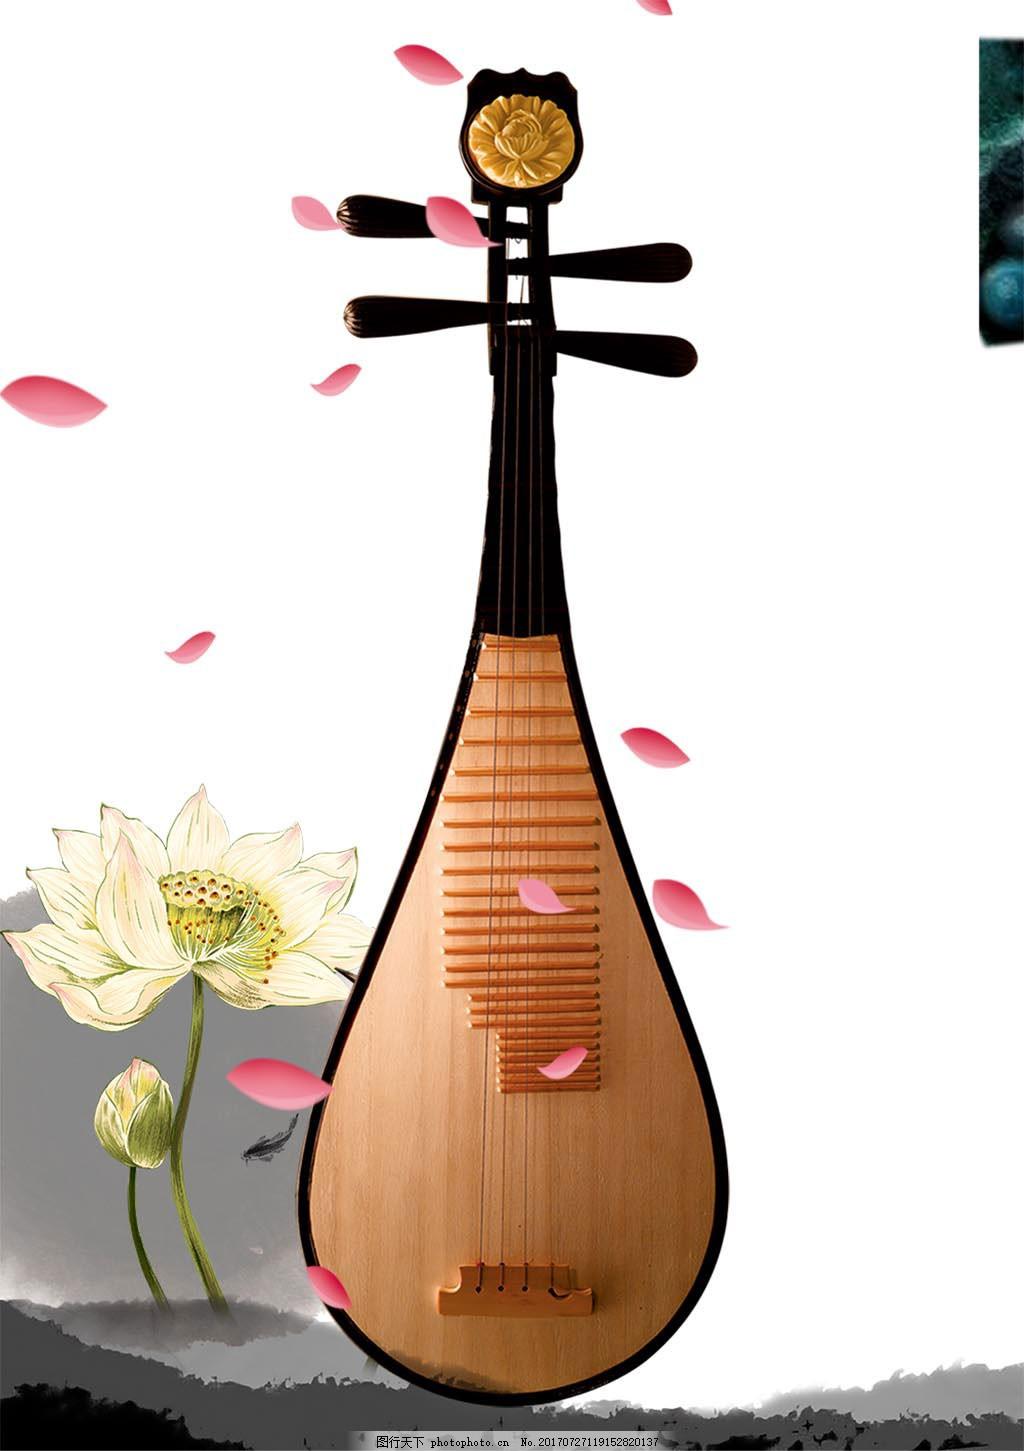 中国风水墨琵琶png免扣元素 荷花 莲花 漂浮花瓣 透明